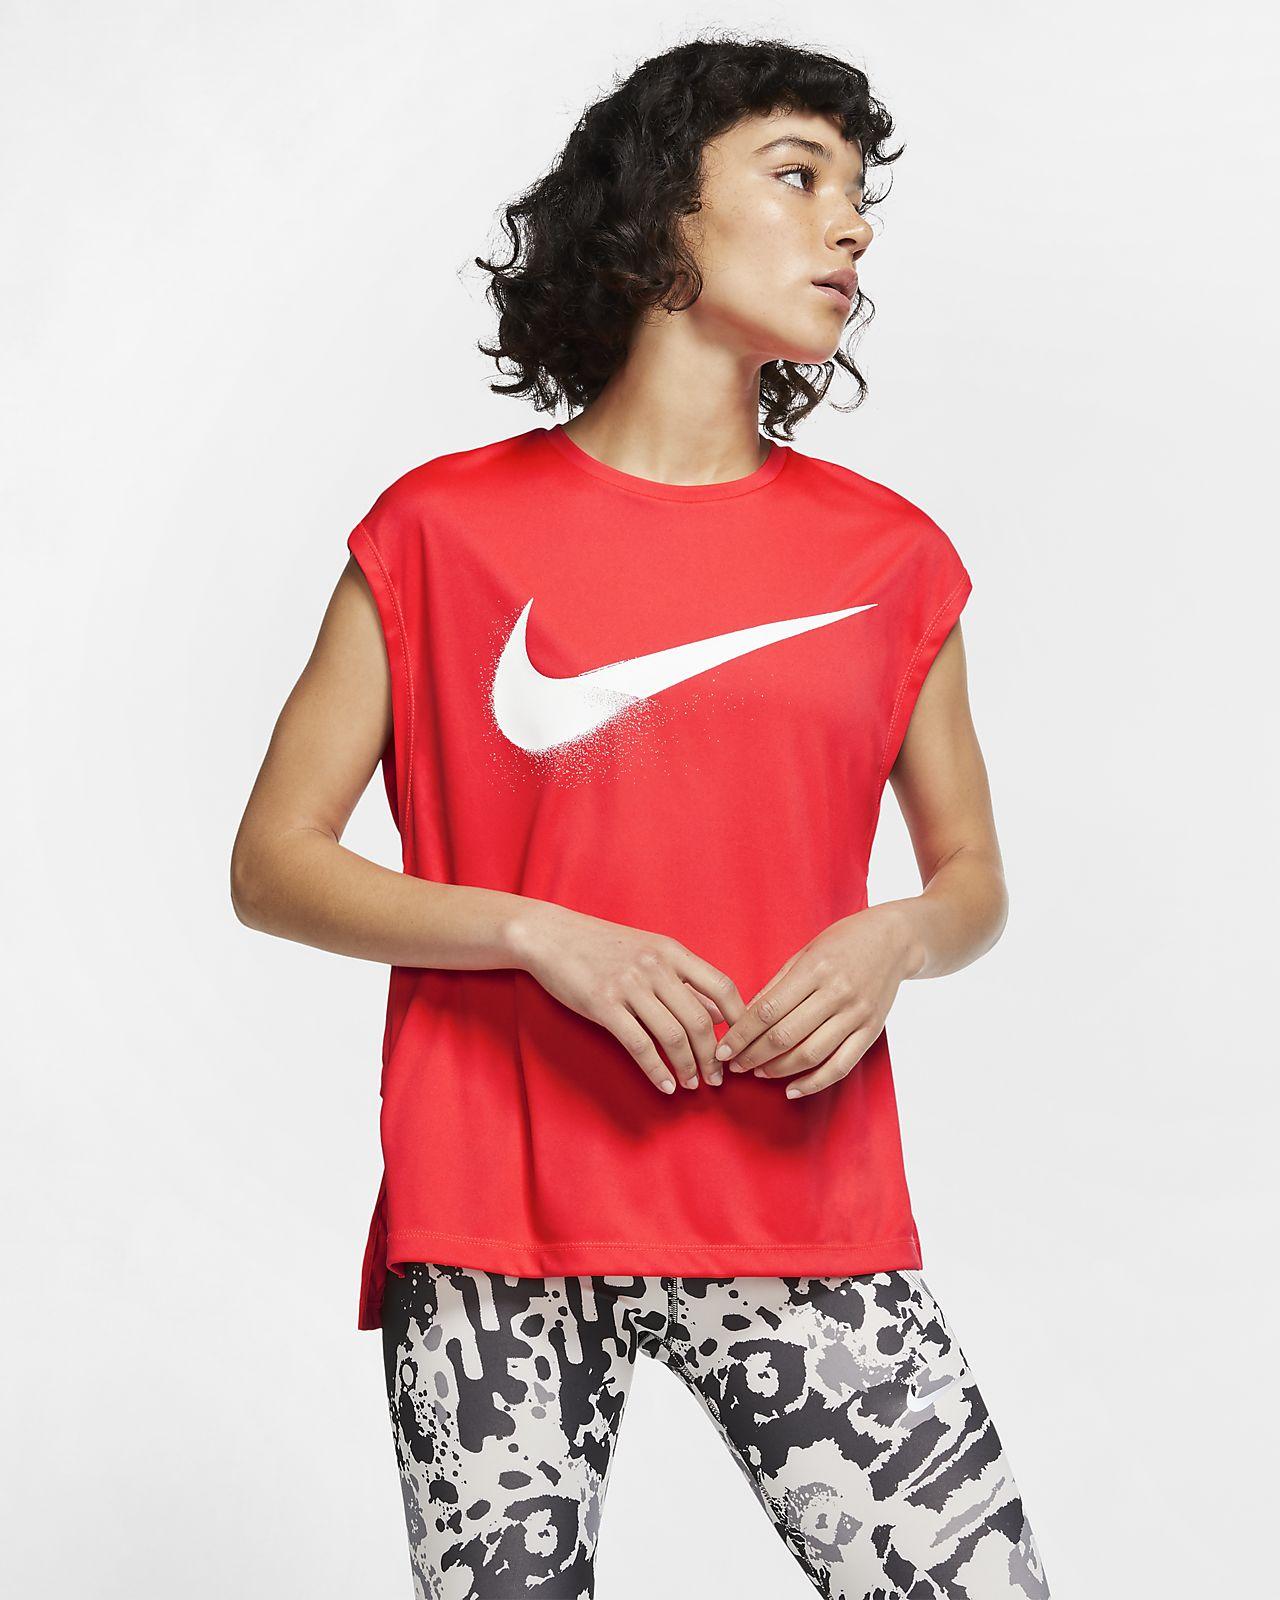 Γυναικεία μπλούζα με σχέδιο για τρέξιμο Nike Dri-FIT